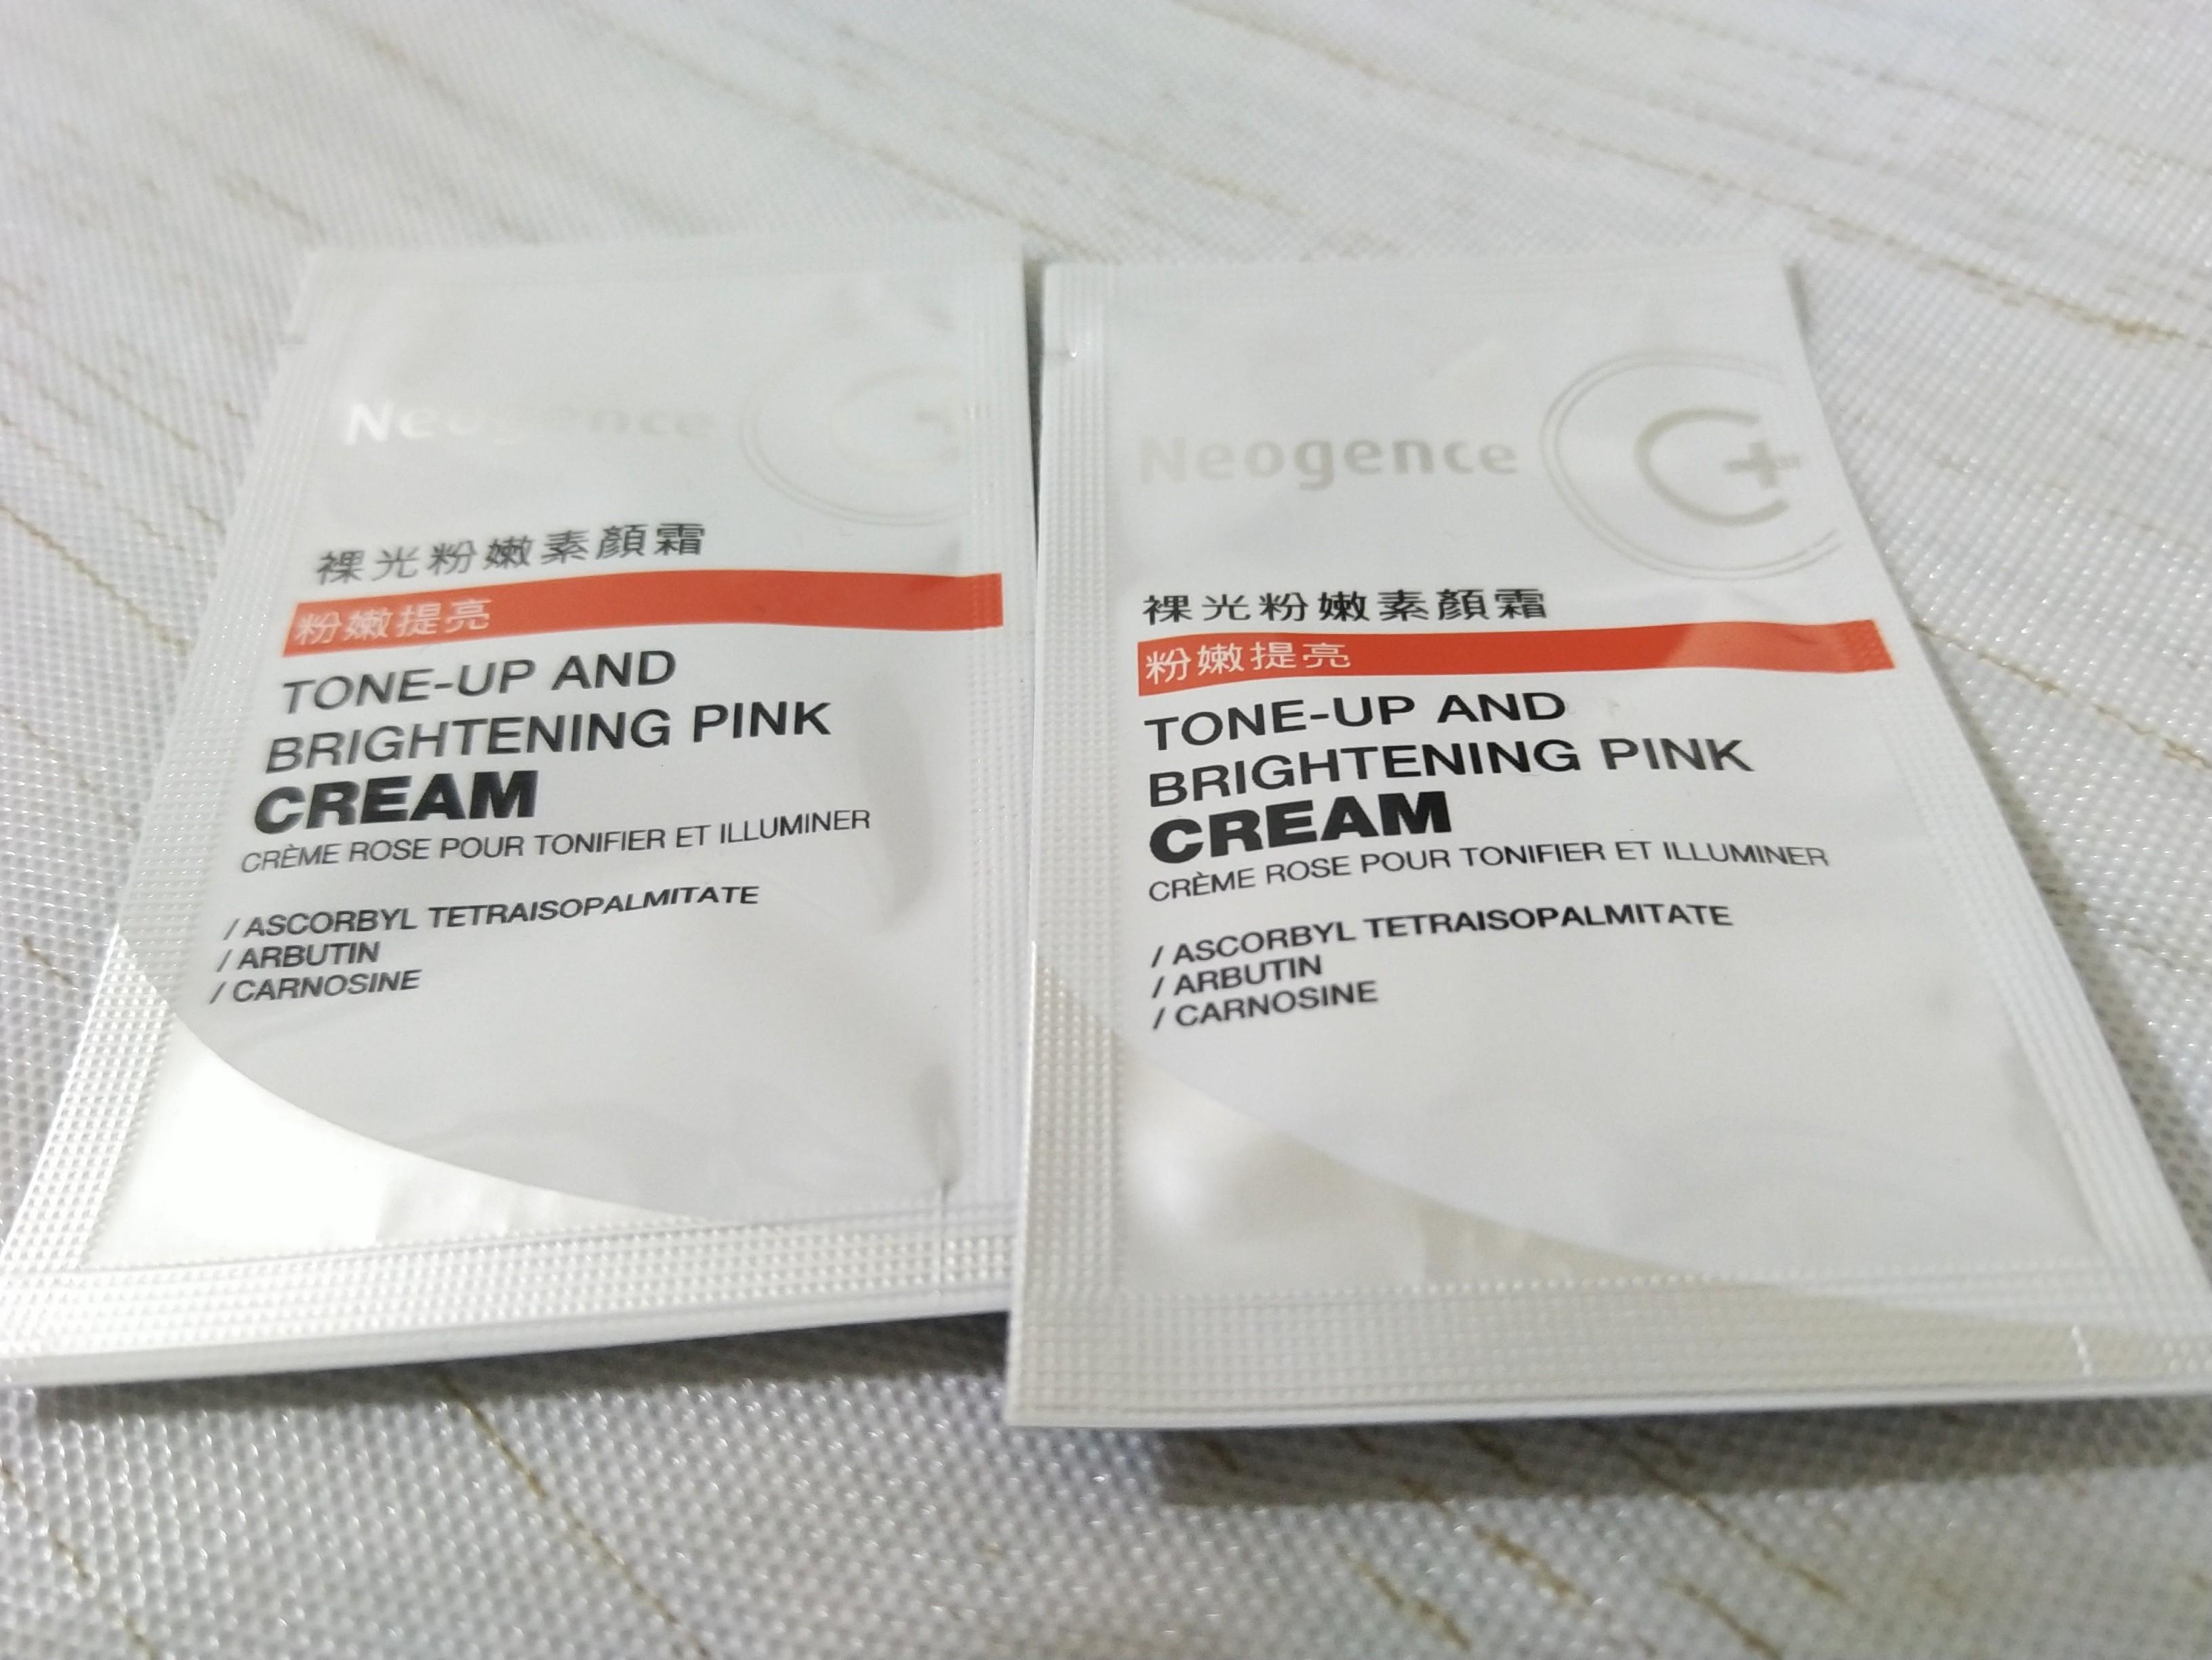 🎁免費送🎁Neogence 裸光粉嫩素顏霜 試用包兩包